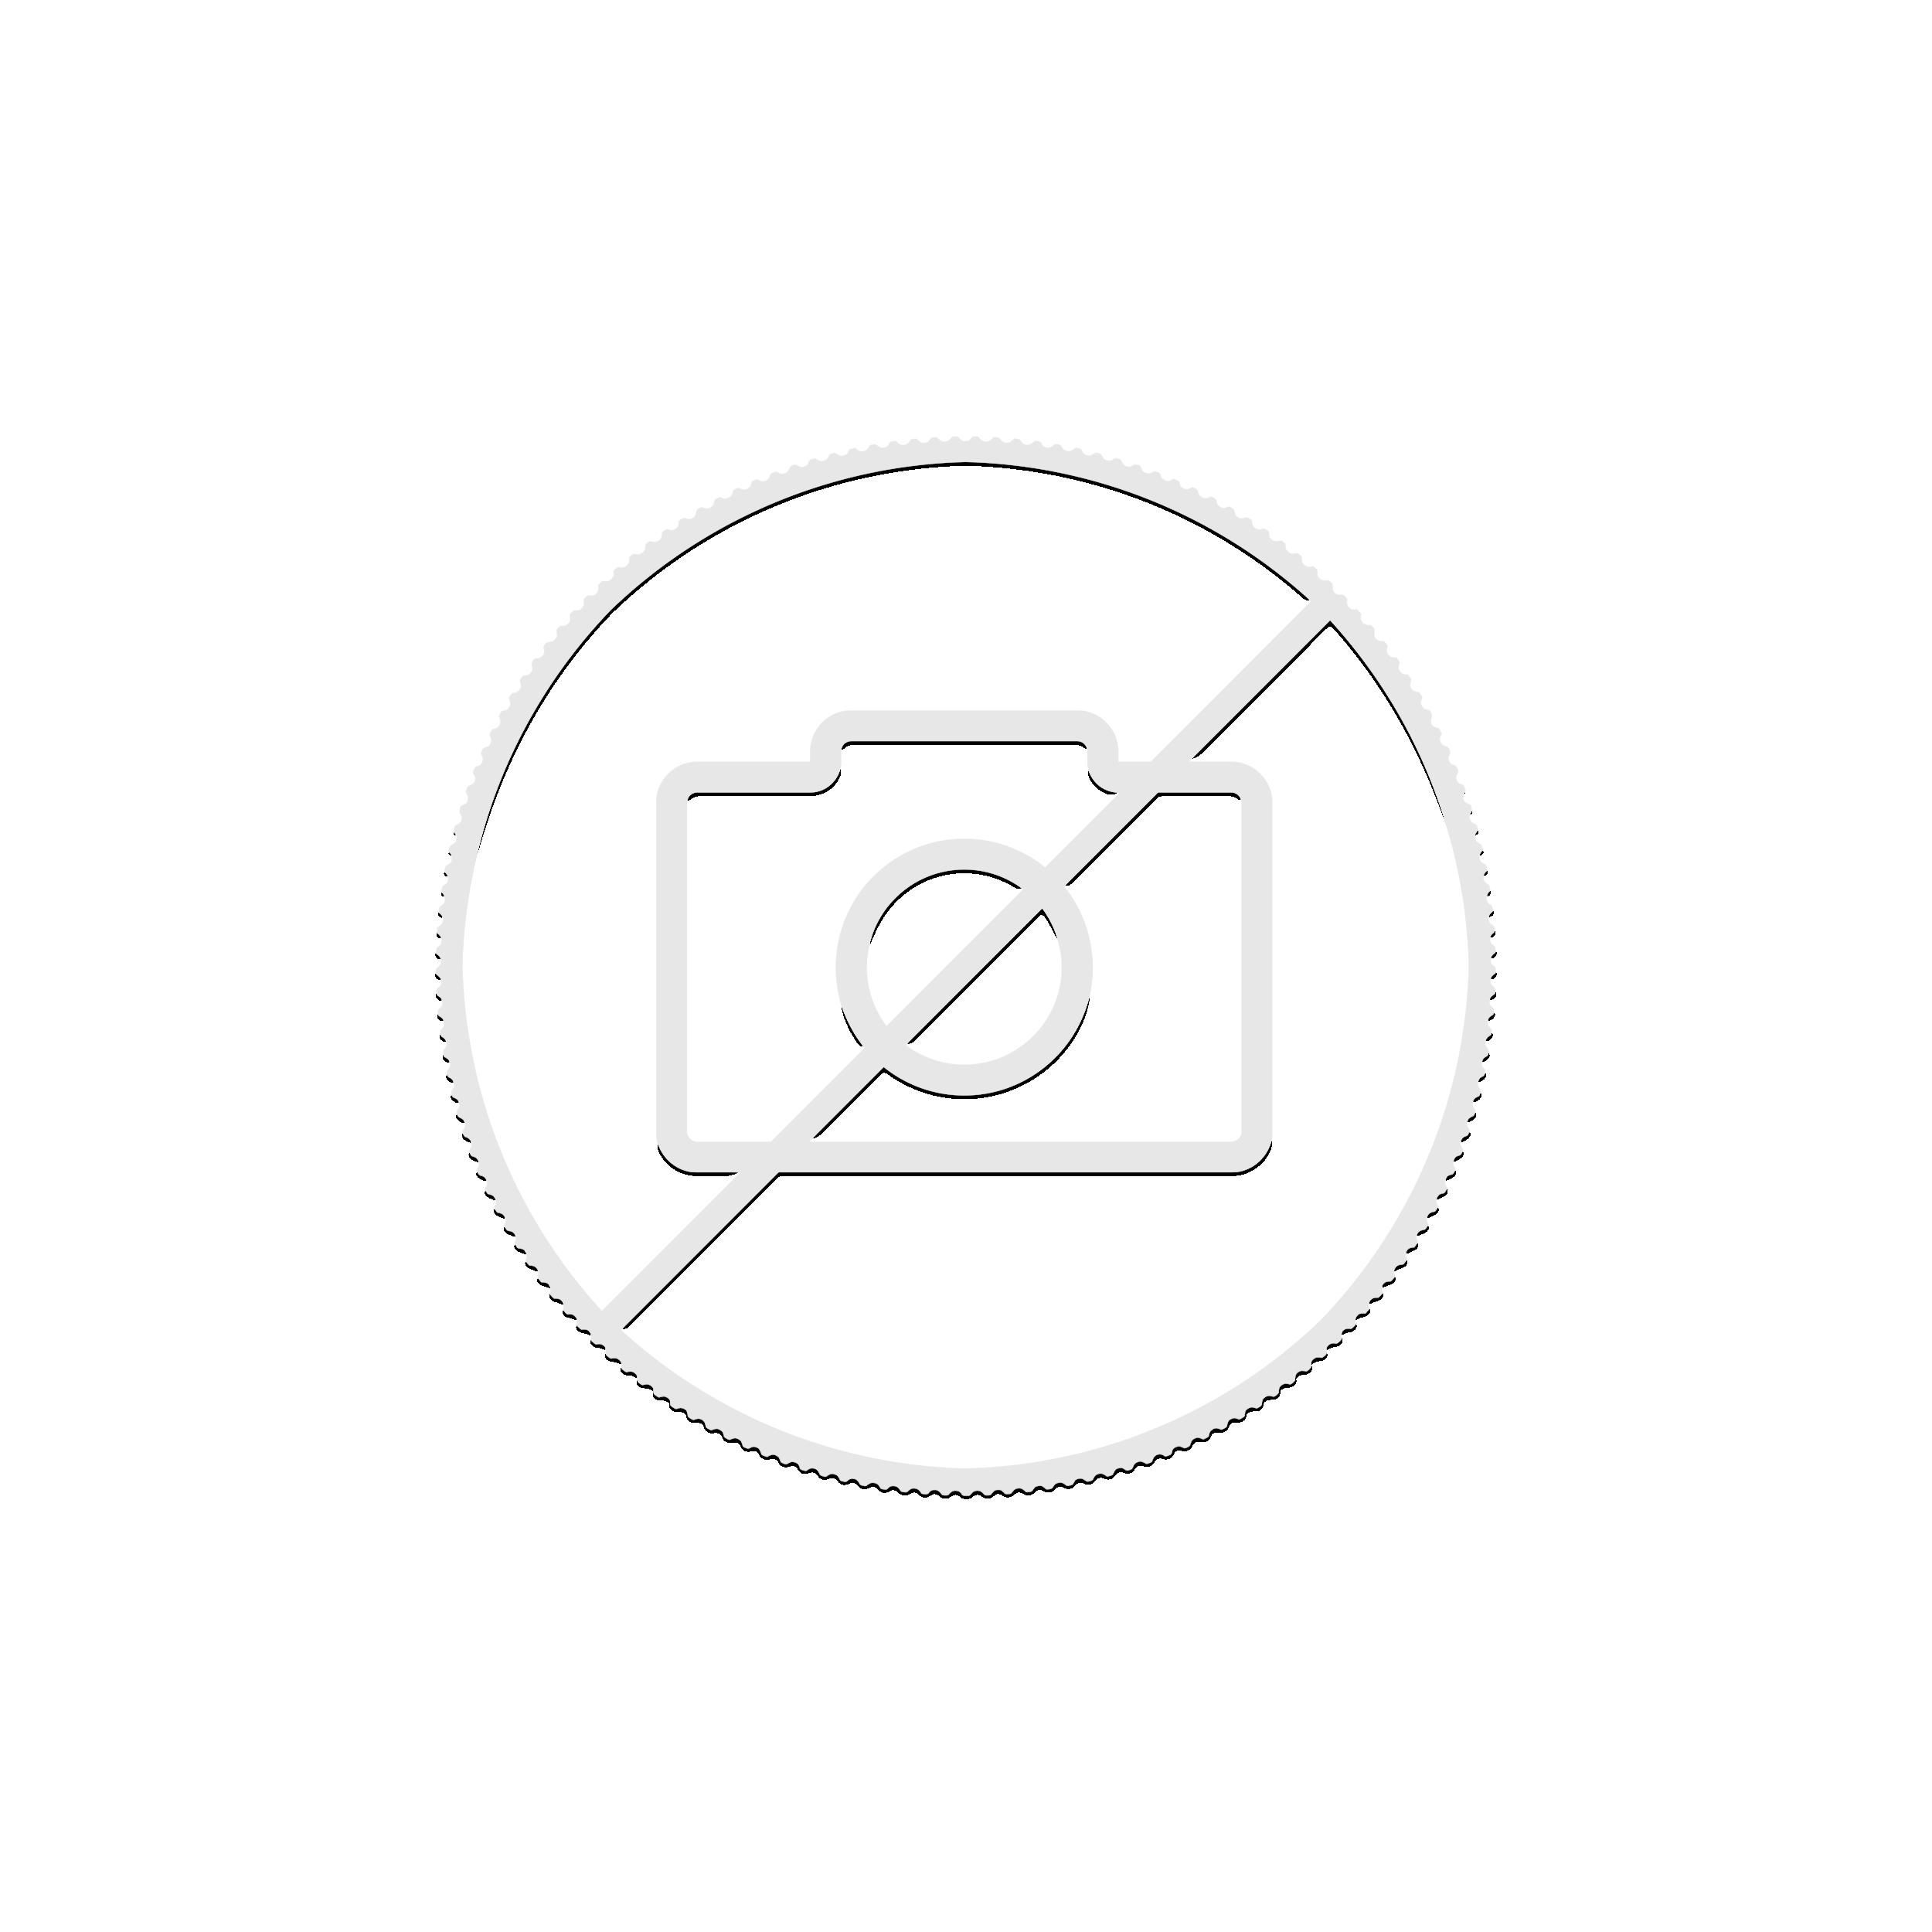 Gouden 1/2 Sovereign munt